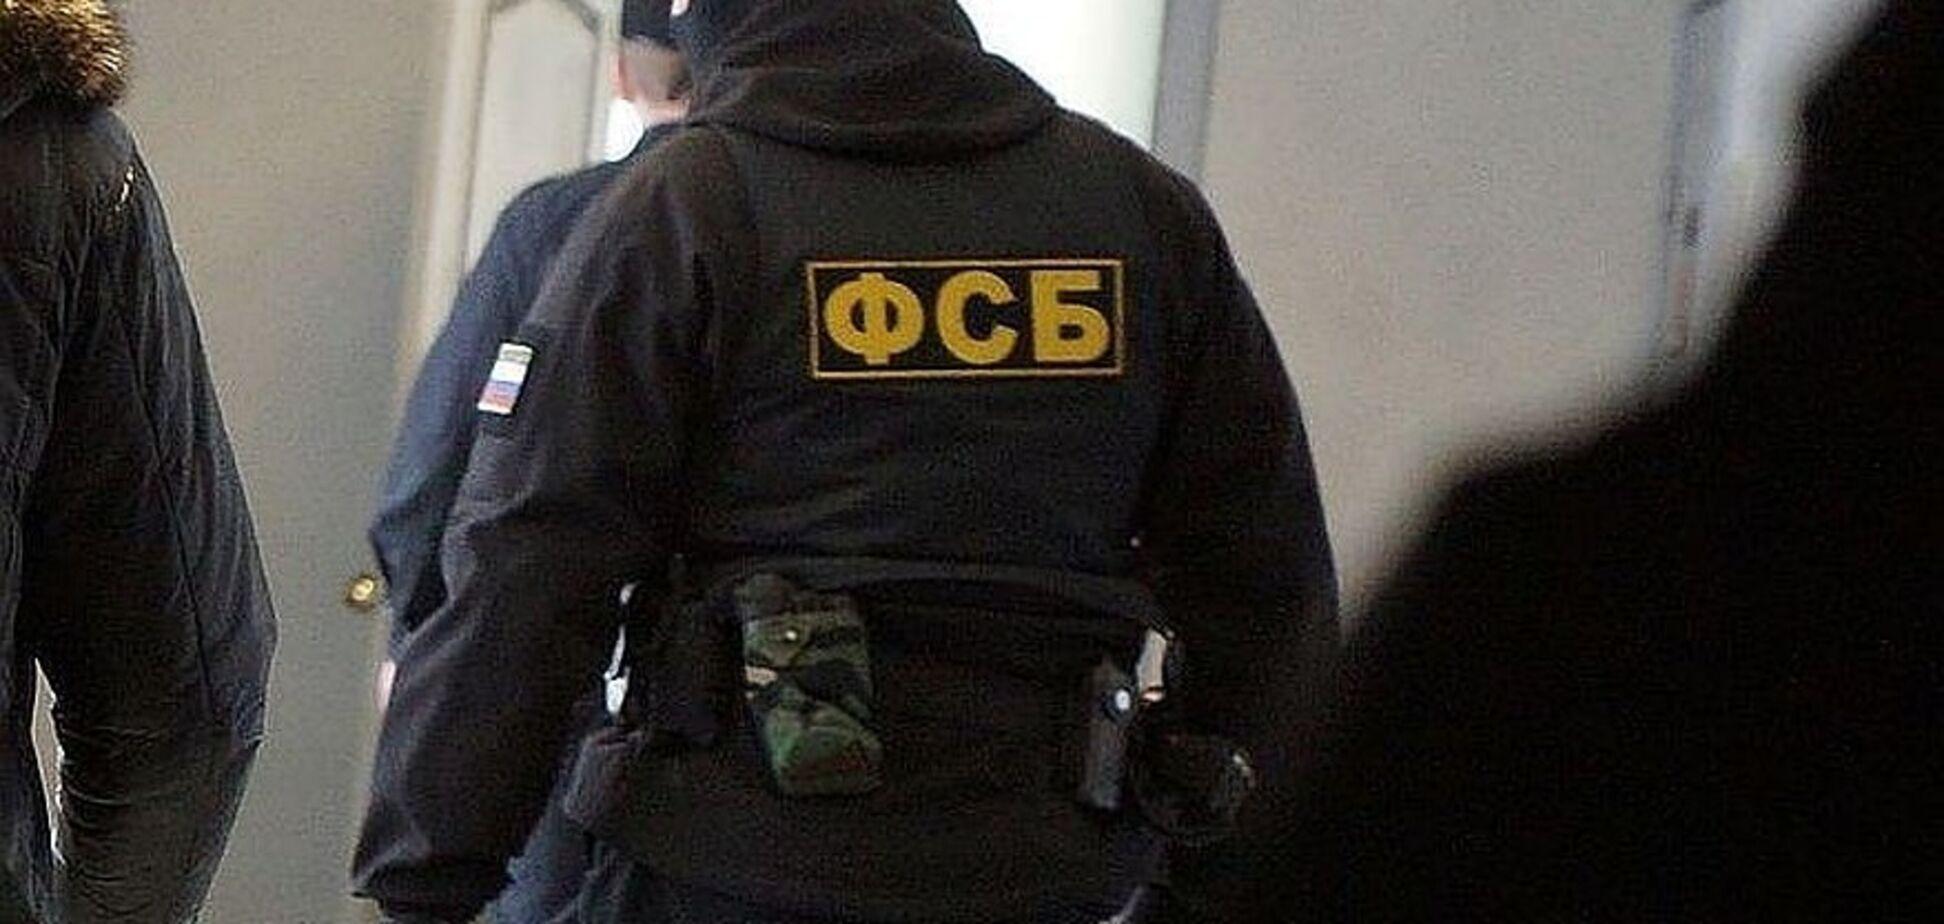 ФСБ заявила о задержании украинского ''террориста'' в Крыму